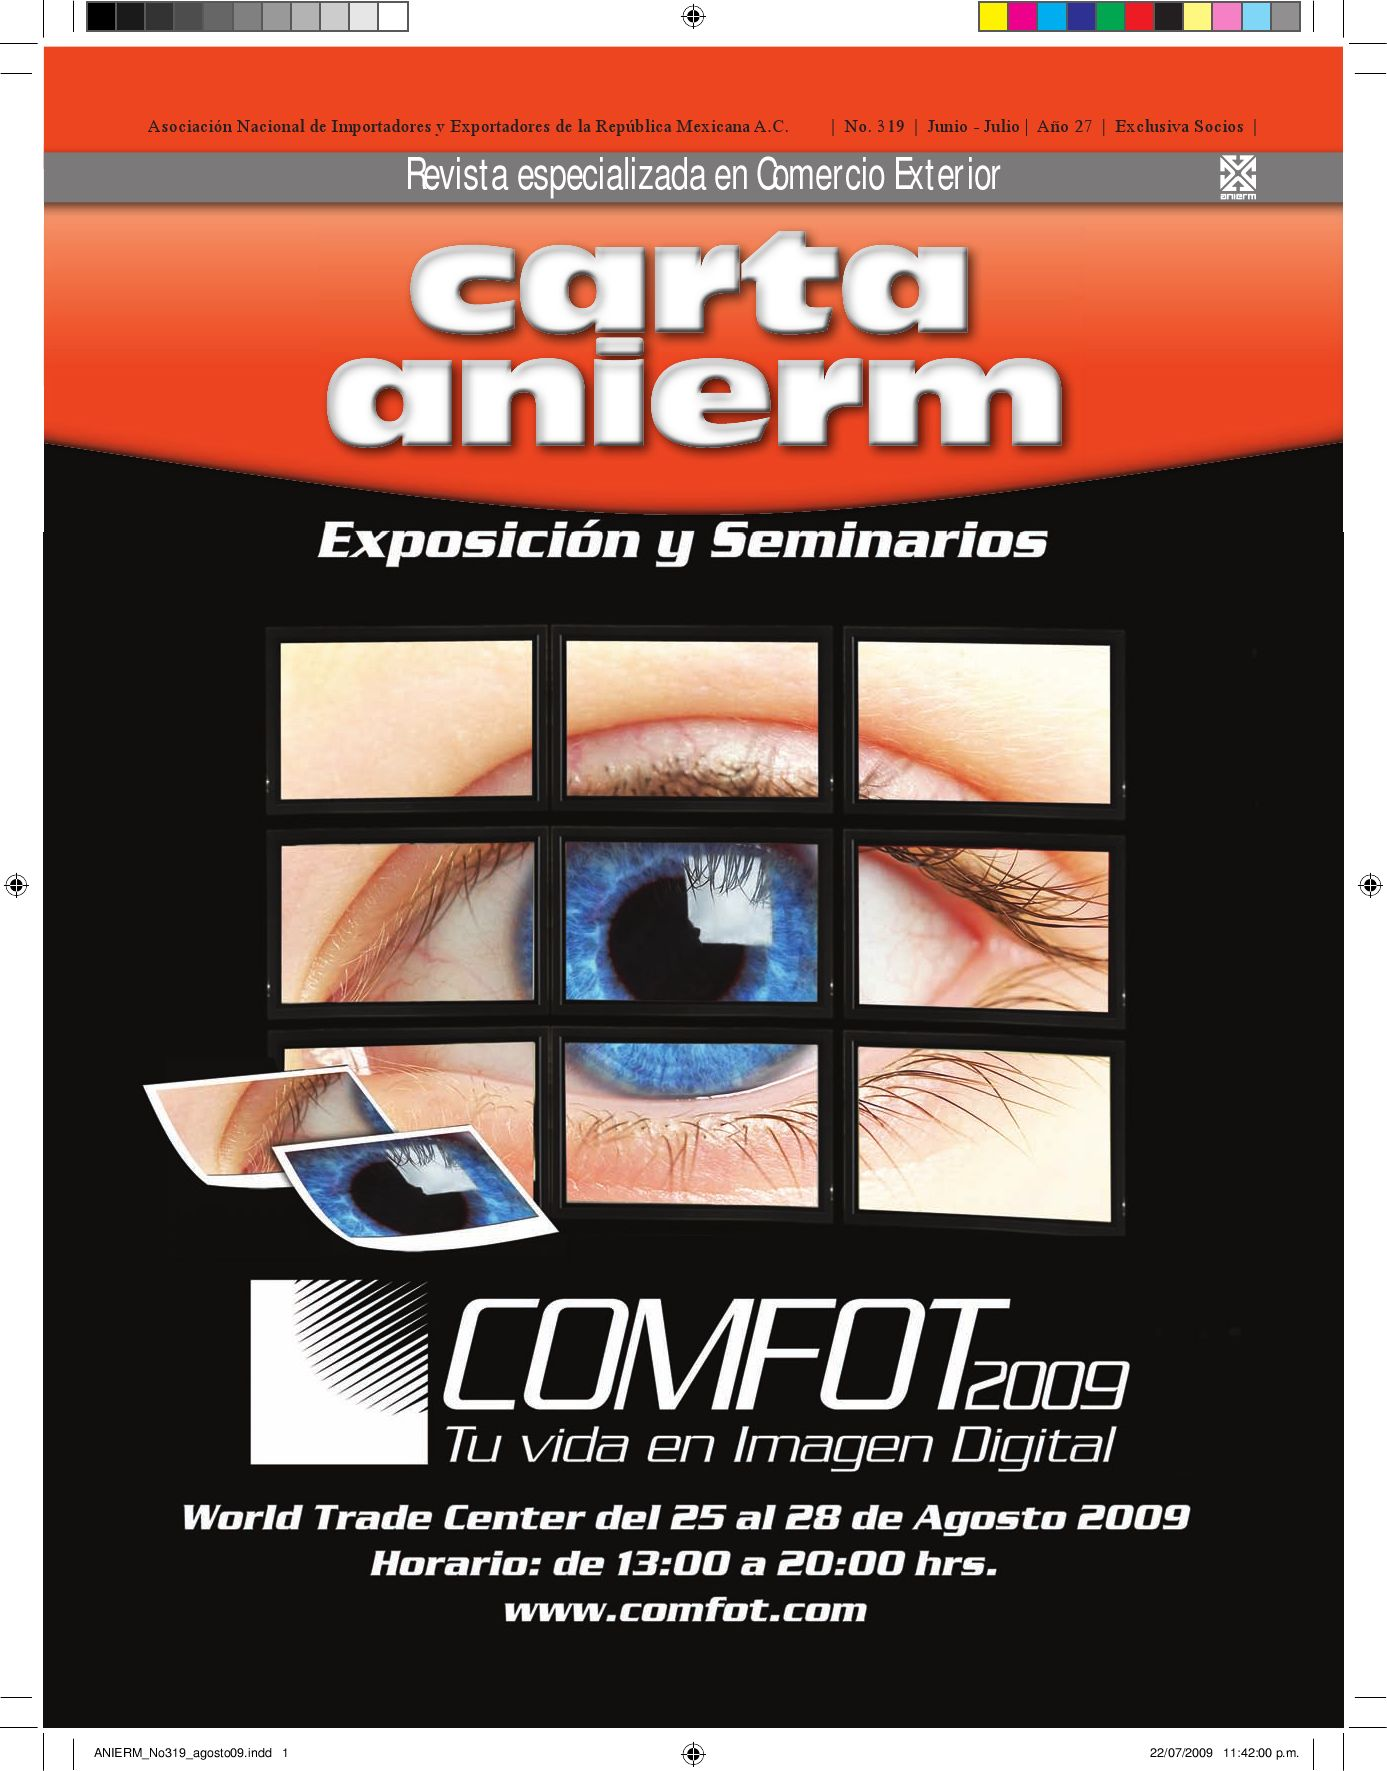 Carta ANIERM by Asociacion Nacional Importadores y ... - photo#22